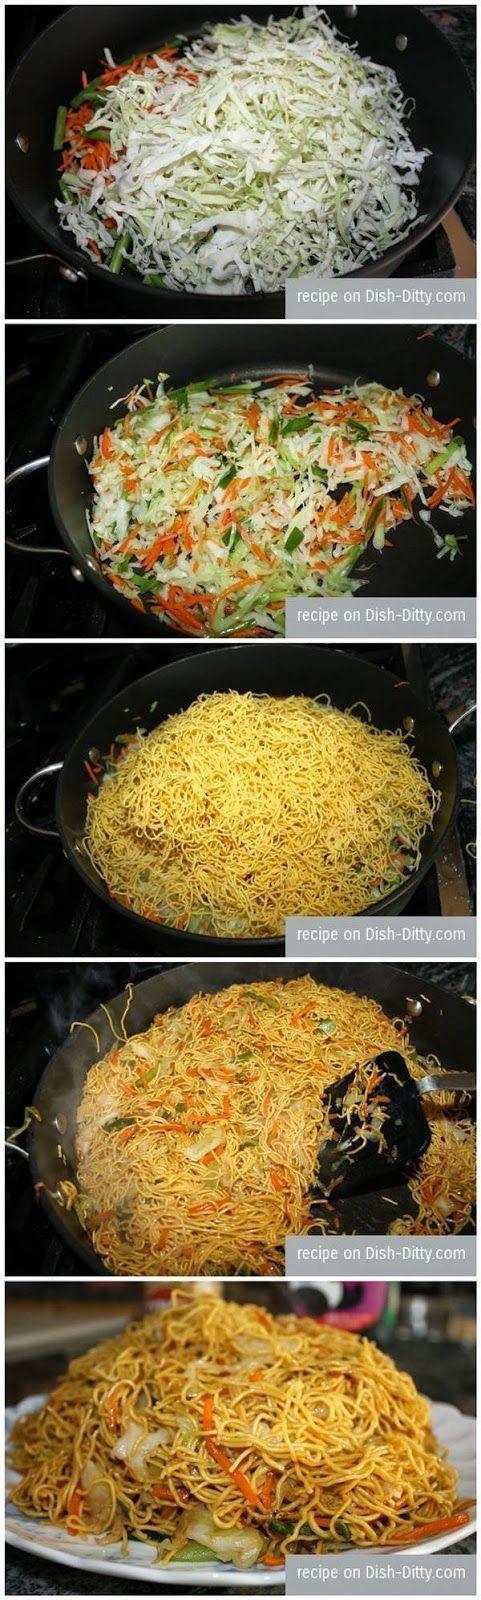 Vegetais Receita Chow Mein - 1 Tbl óleo,  2 xícaras de repolho picado 1 xícara de cenoura ralada meia cebolinha, 1 £ frescos cozinhados macarrão chow mein fino 1 xícara de frango (estilo vegetariano) caldo de 1/4 xícara de molho de soja 1/4 xícara de gergelim óleo 1/4 xícara molho lo mein (versão vegetariana) .